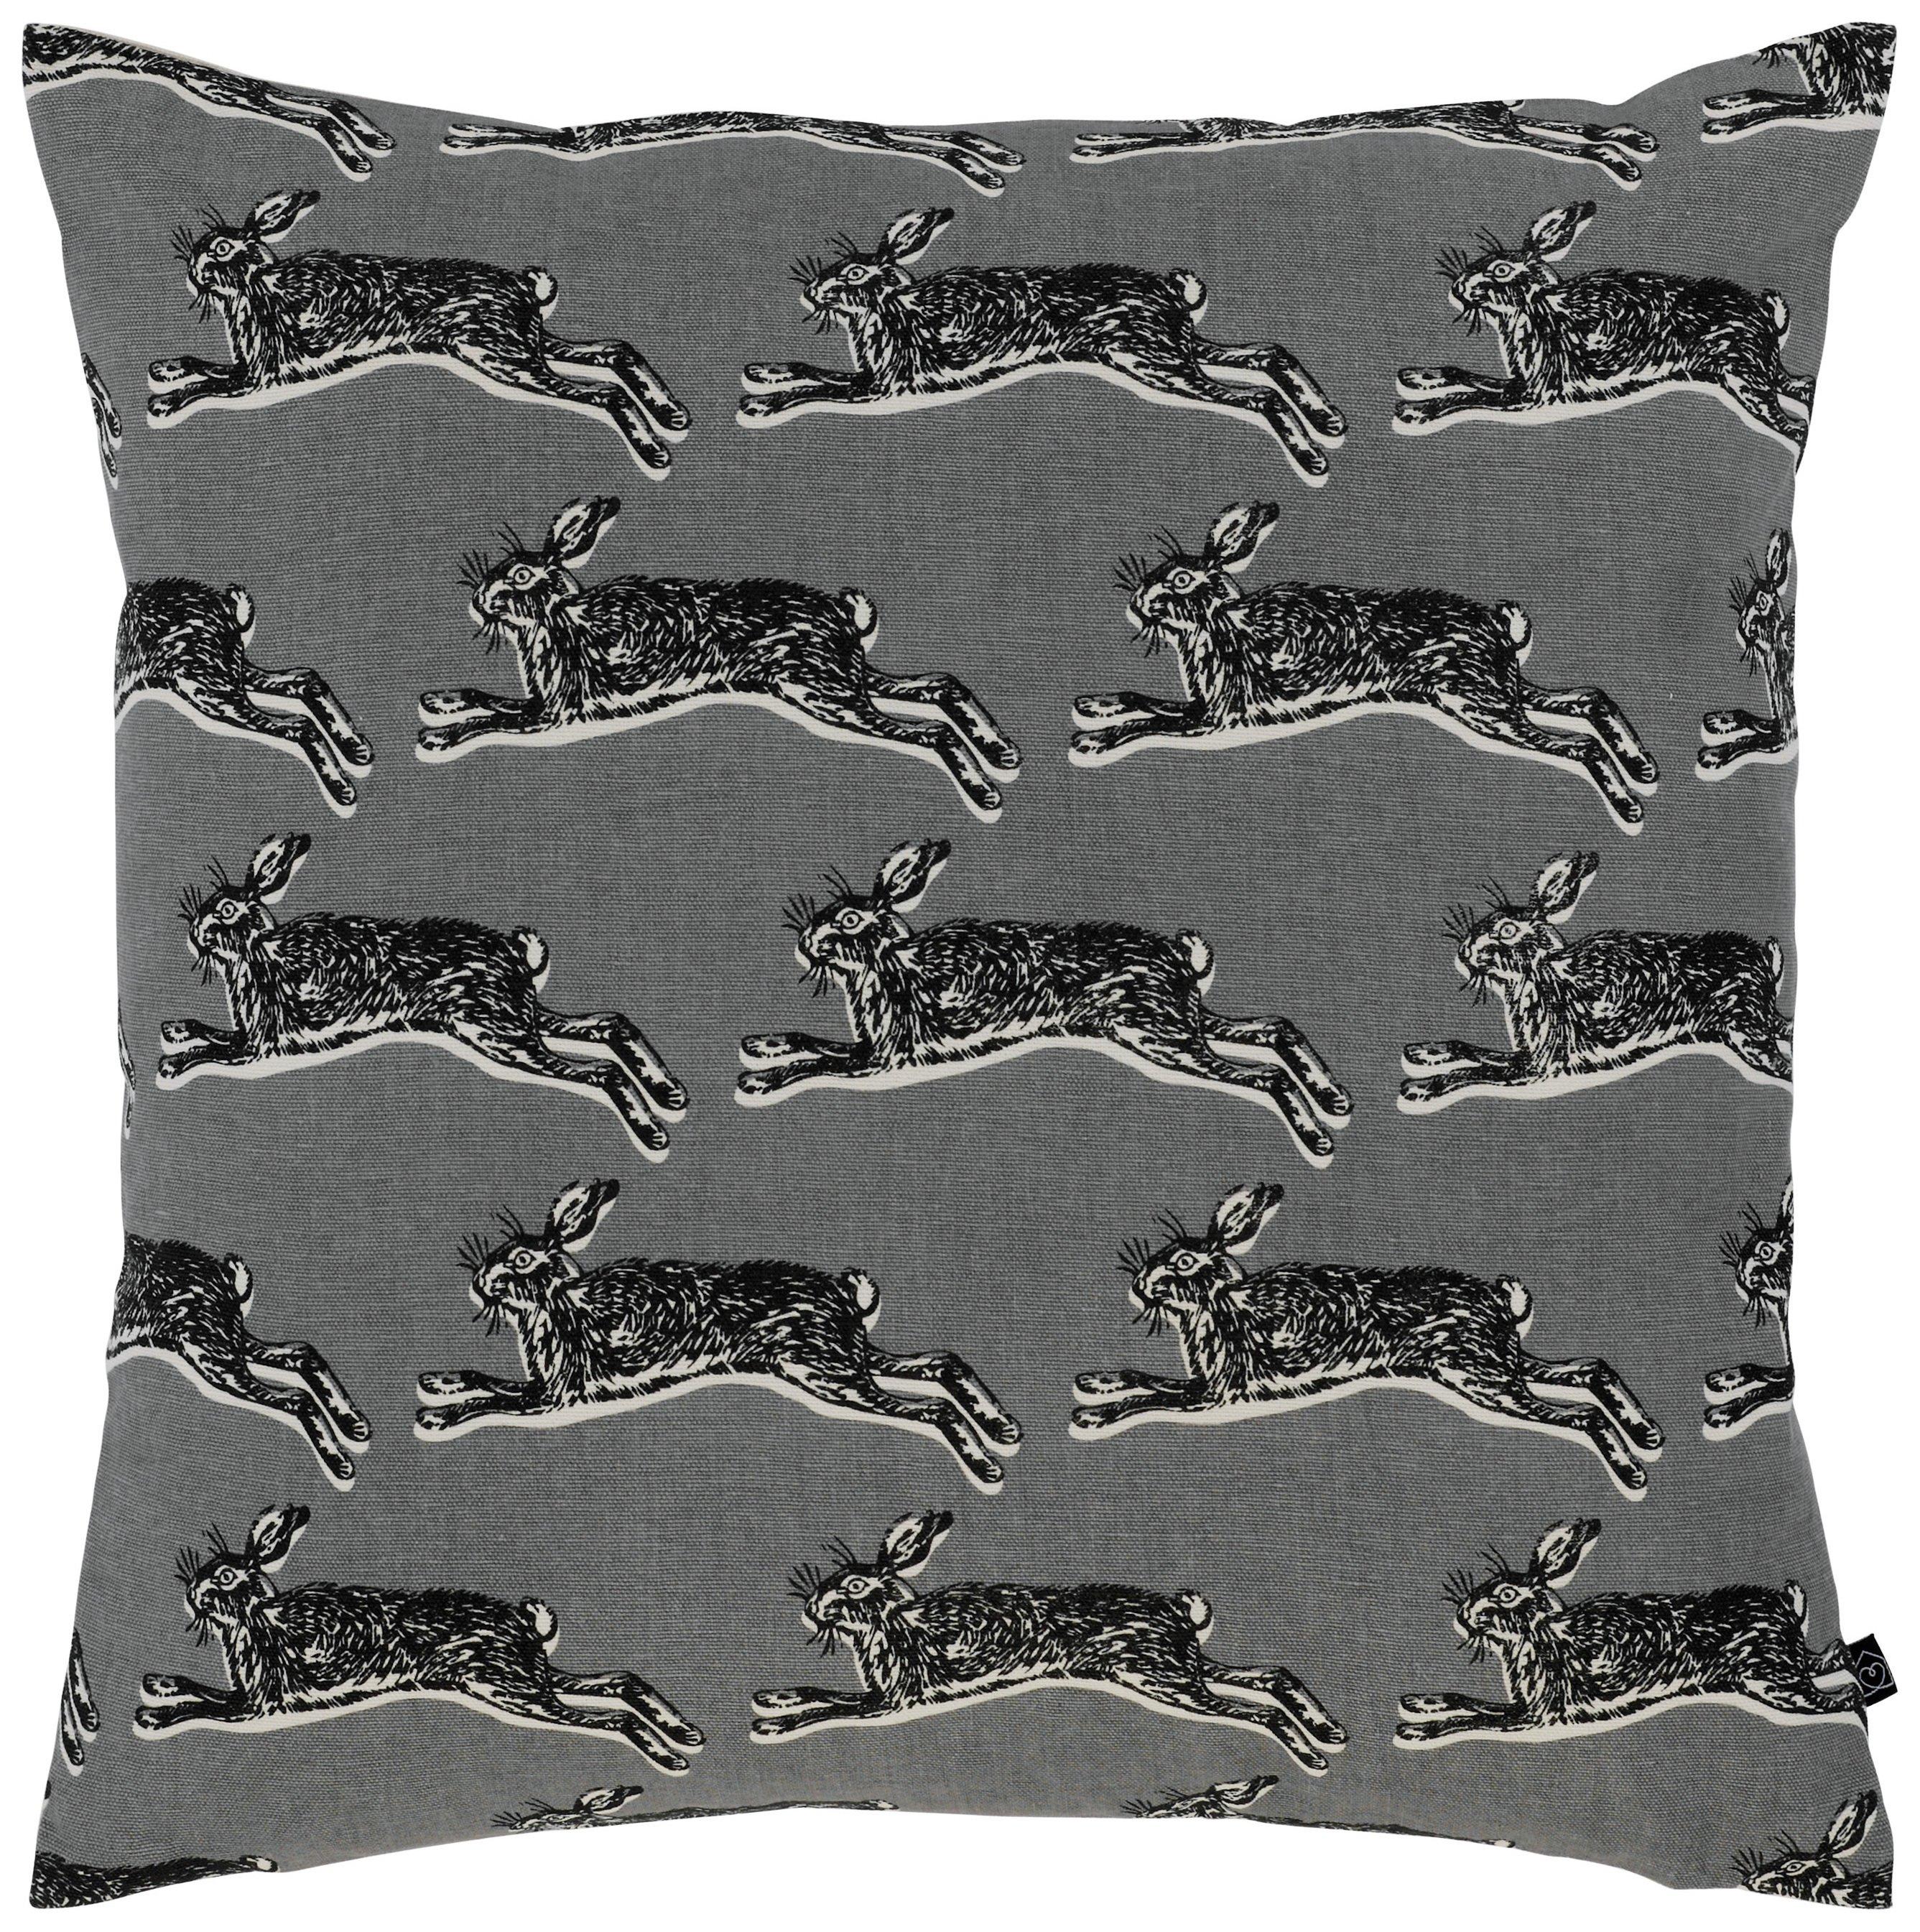 Habitat Hop Cushion - Grey